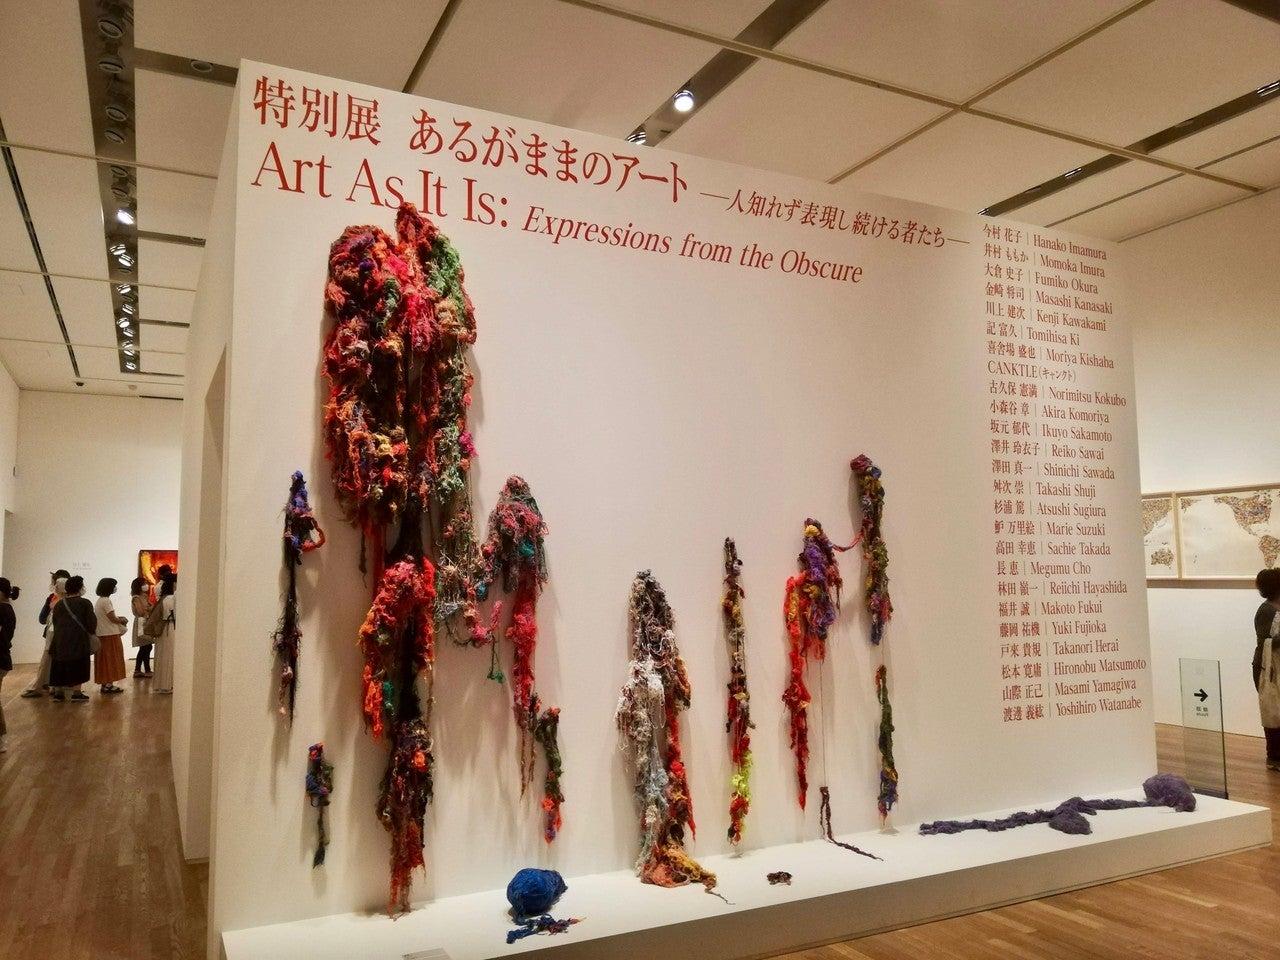 展覧会】あるがままのアート −人知れず表現し続ける者たち−|今野 ...